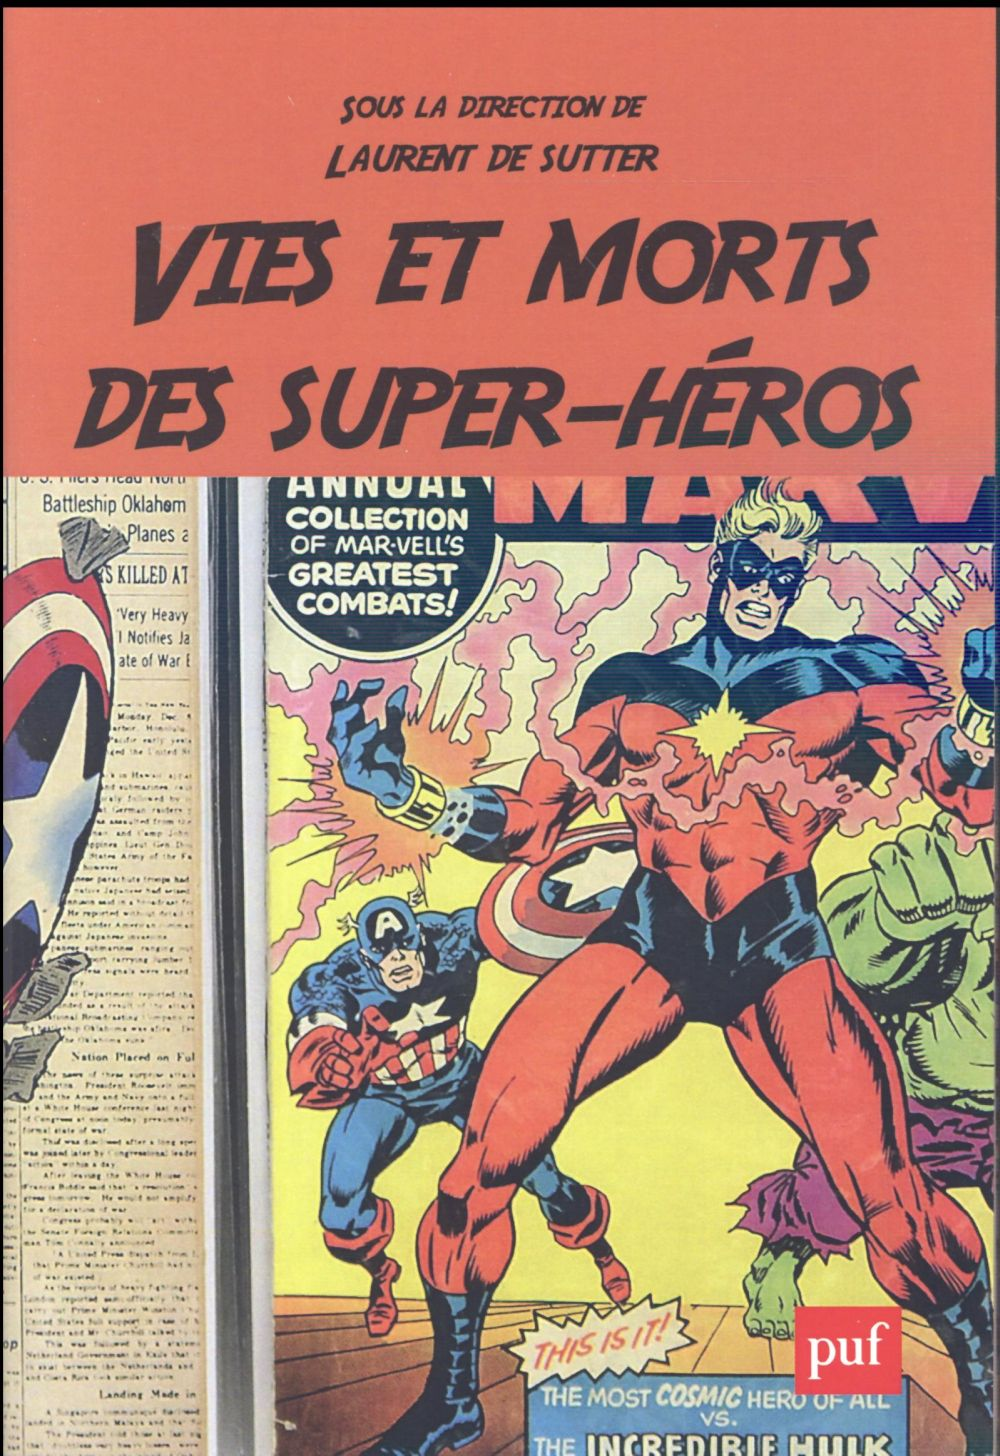 Vies et morts des superheros